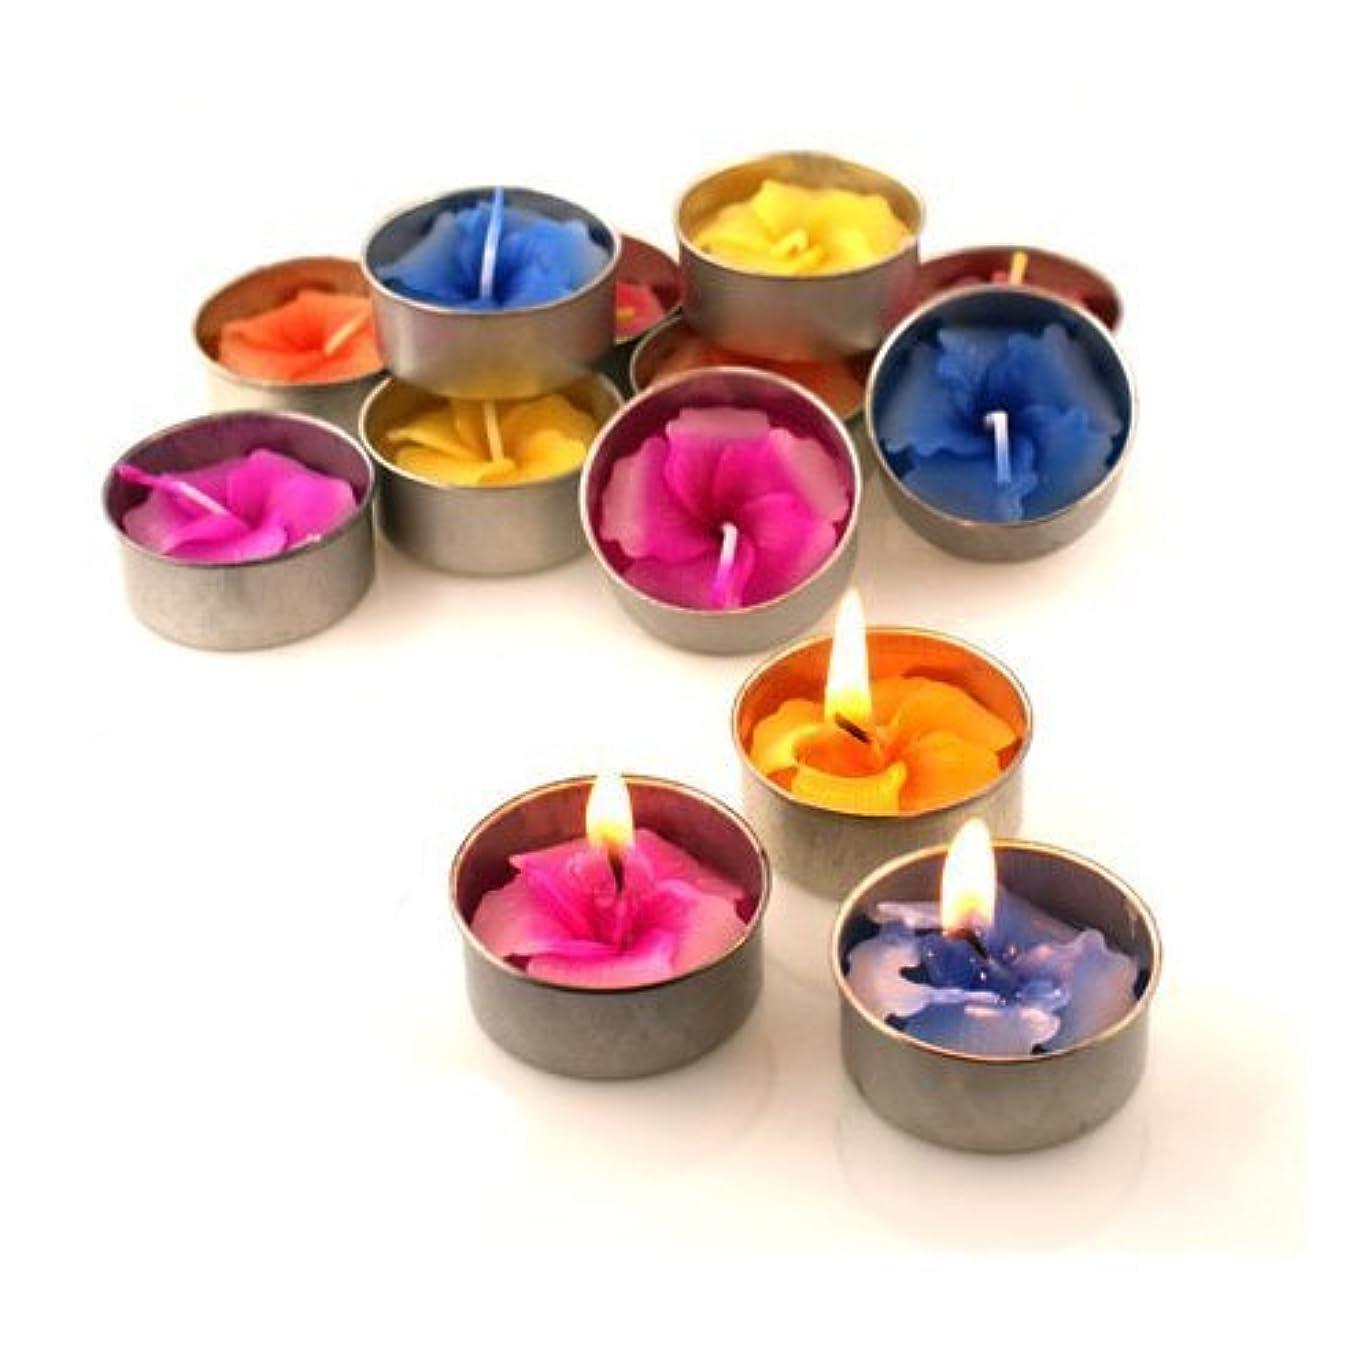 カロリー本貧しいRelax Spa Shop @ Hibiscus Candle in Tea Lights , Floating Candles, Scented Tea Lights ,Aromatherapy Relax, Decorative Candles,(Hibiscus Candle in Tea Lights Pack of 10 Pcs.) by Relax Spa Shop